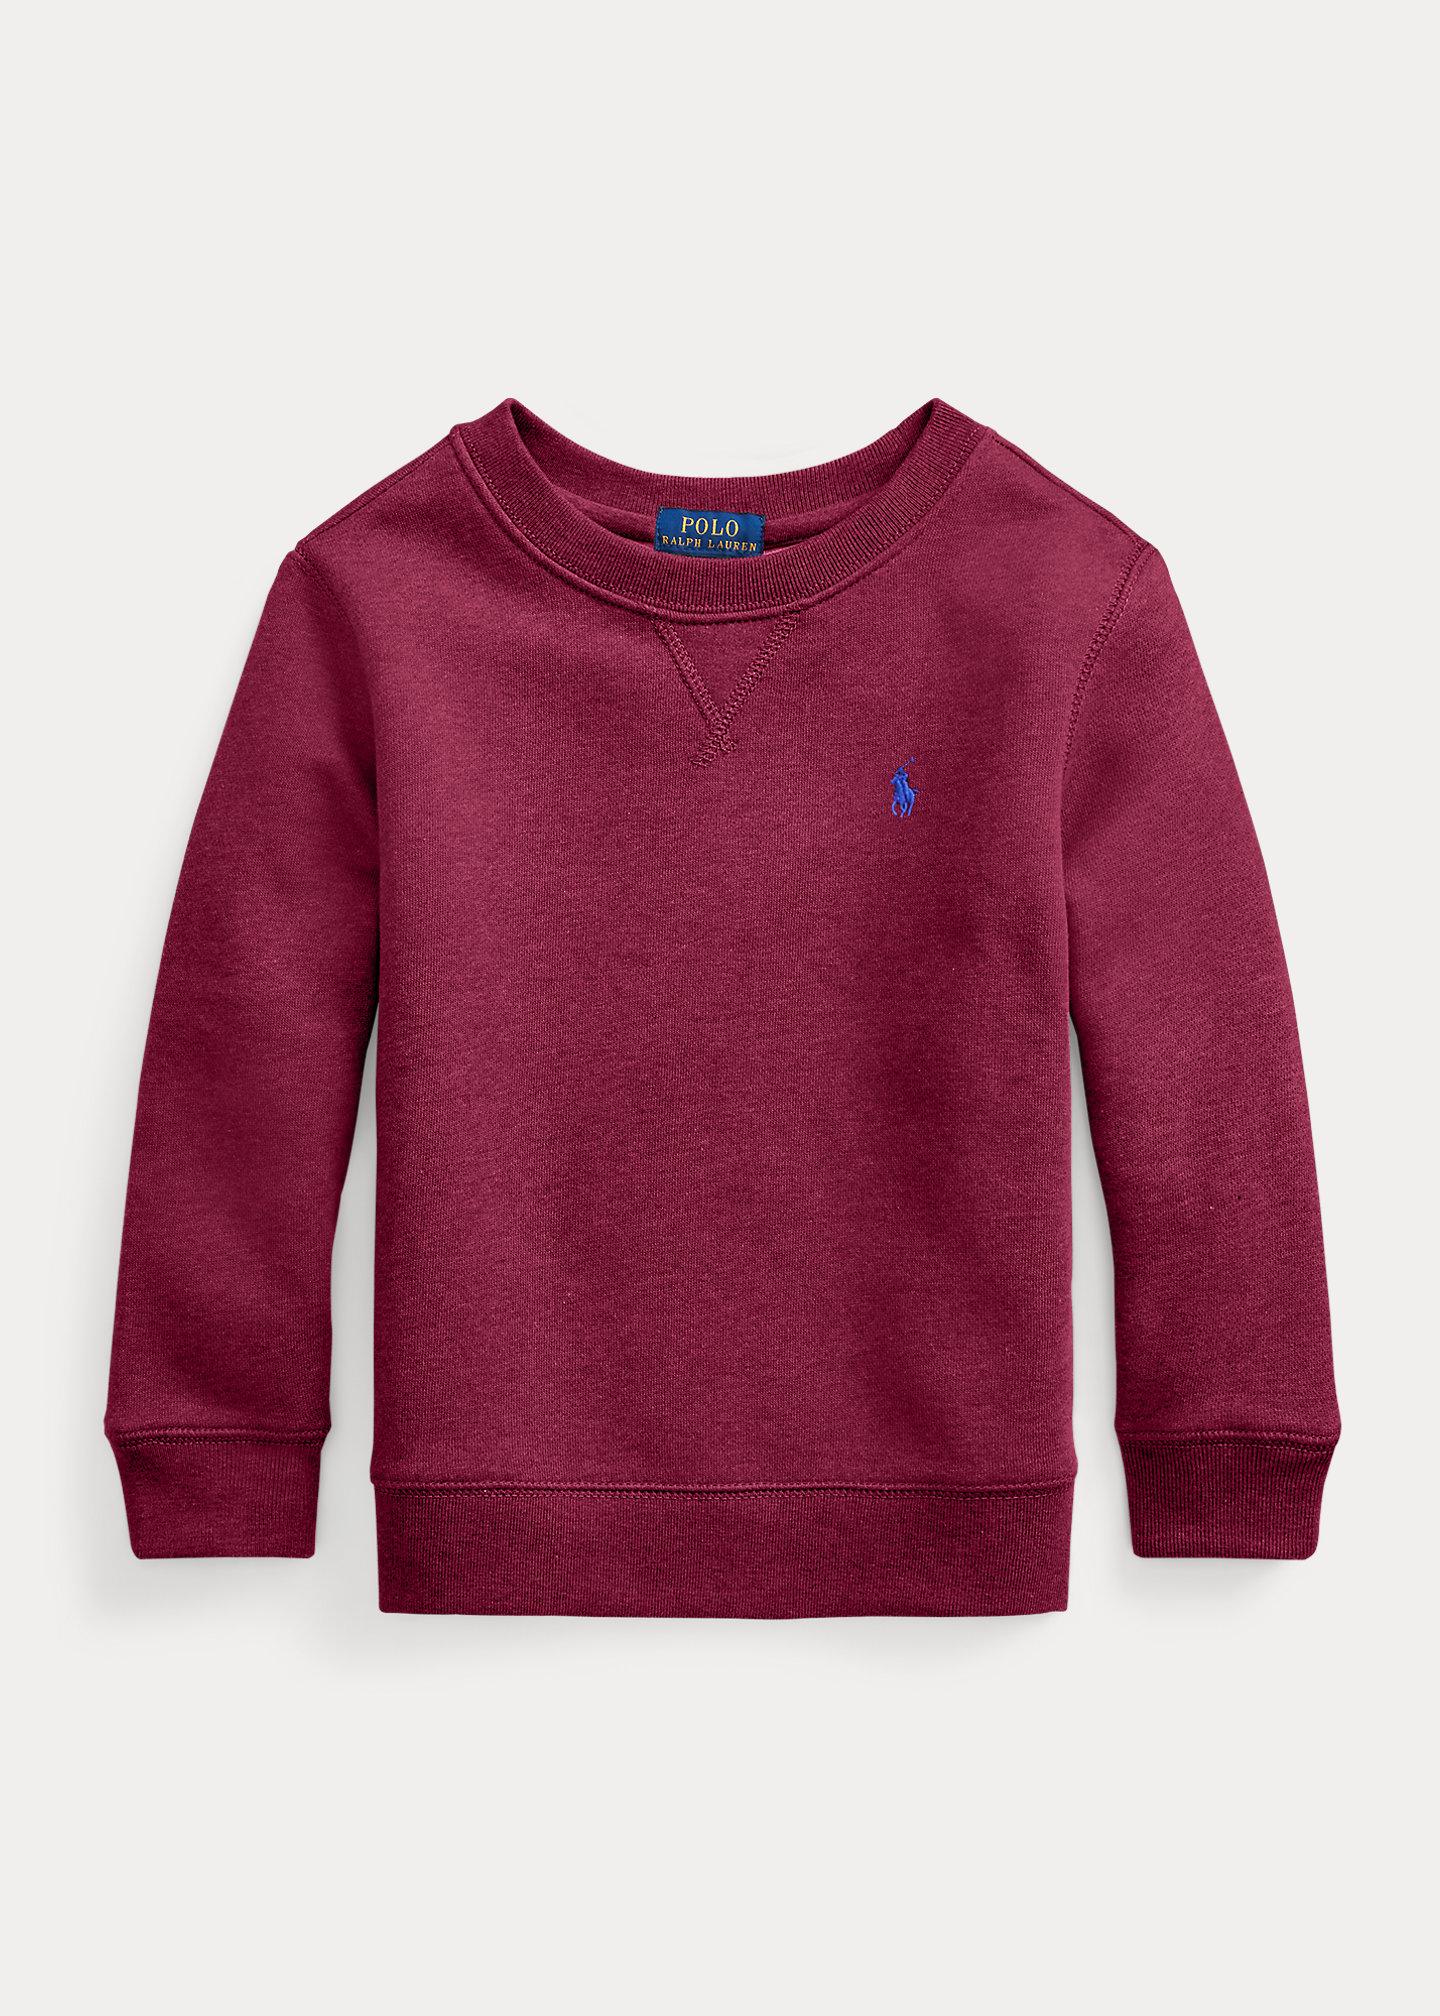 Polo Ralph Lauren Fleece Crewneck Sweatshirt